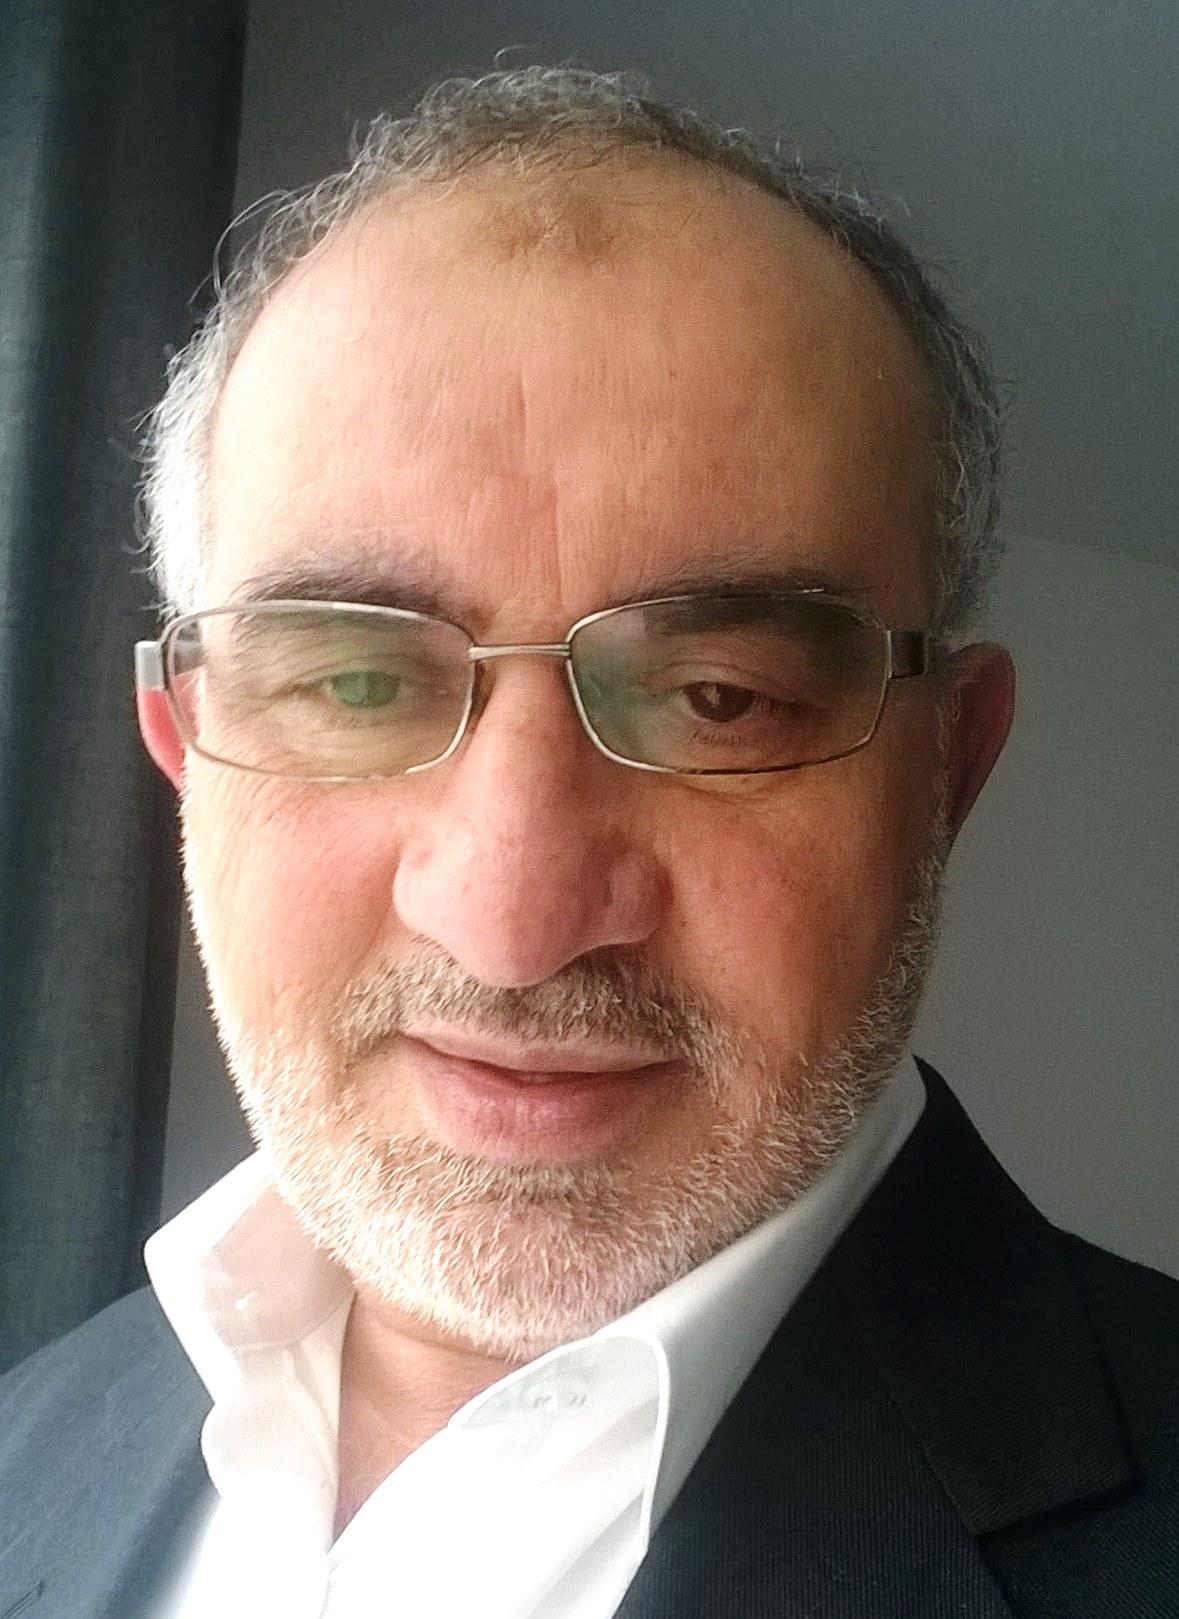 ليبيا المستقبل       الاحساس بالمسؤولية: حاكموا التني (2/2)